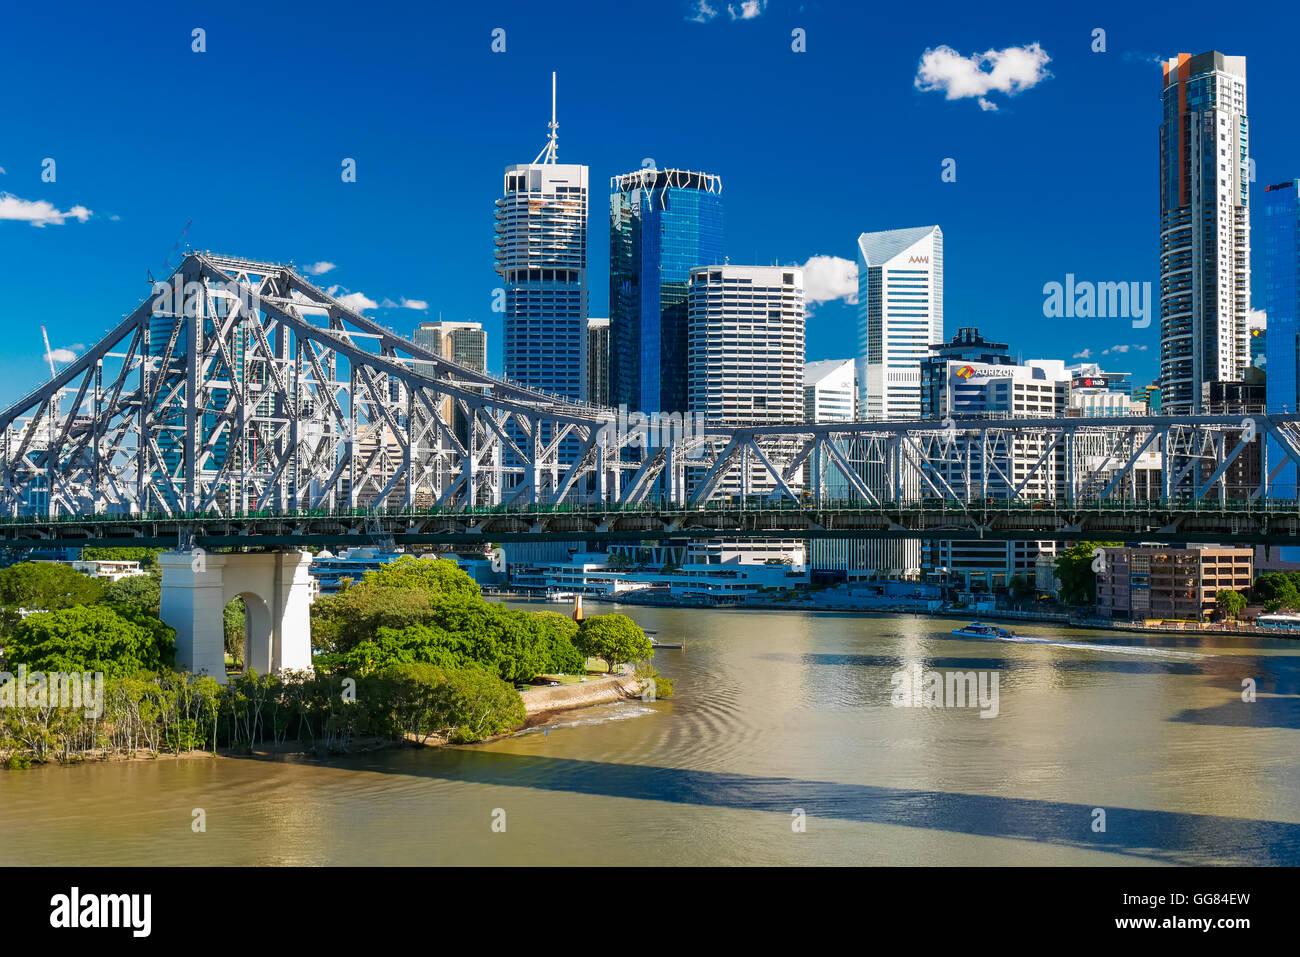 BRISBANE, AUSTRALIE - 7 juin 2016: vue panoramique sur les toits de Brisbane avec Story Bridge et la rivière. Photo Stock